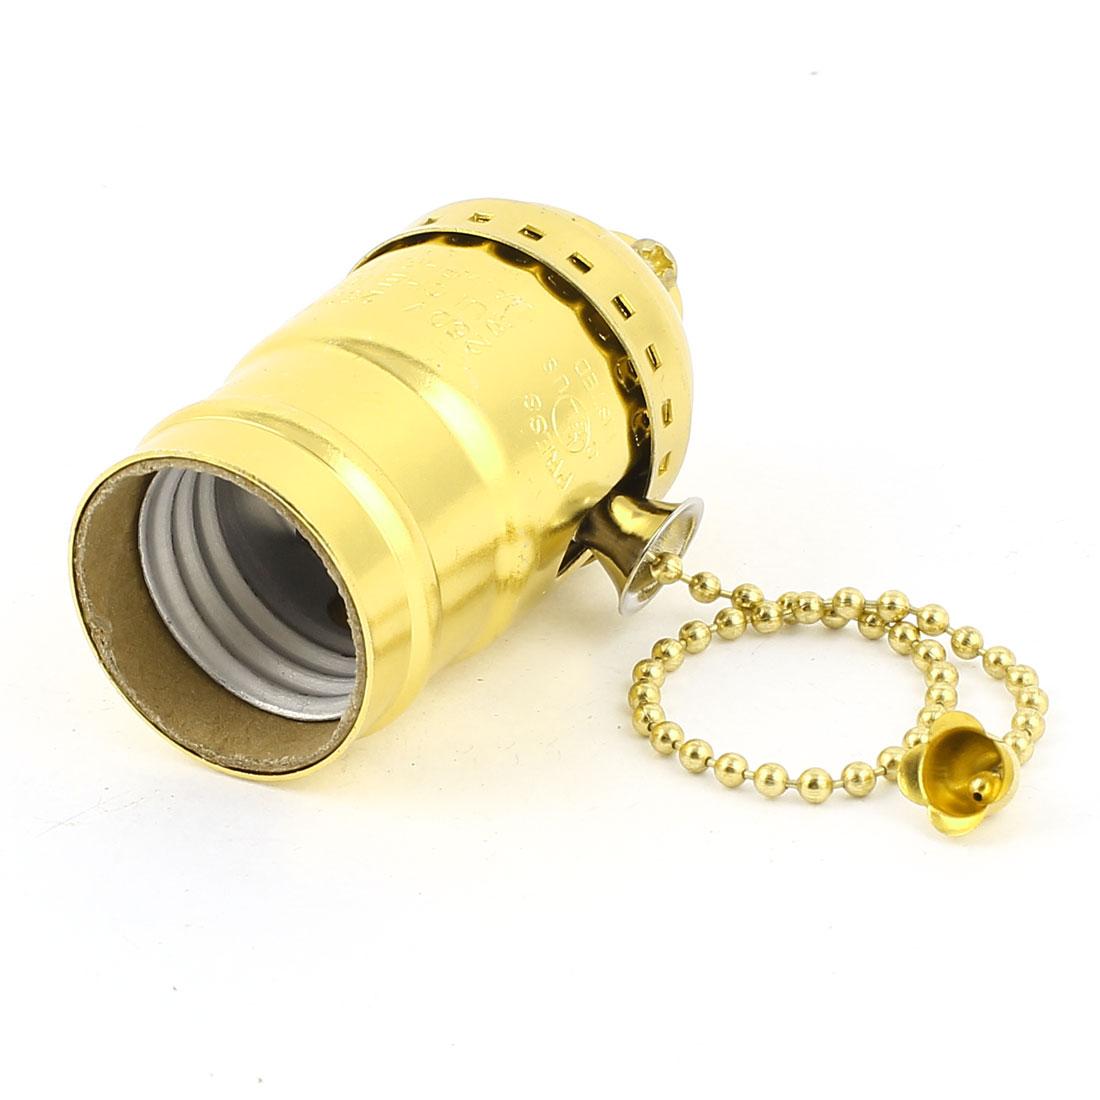 E27 E26 Bulb Base Holders Light Gold Tone Screw Pull Chain Lamp Socket